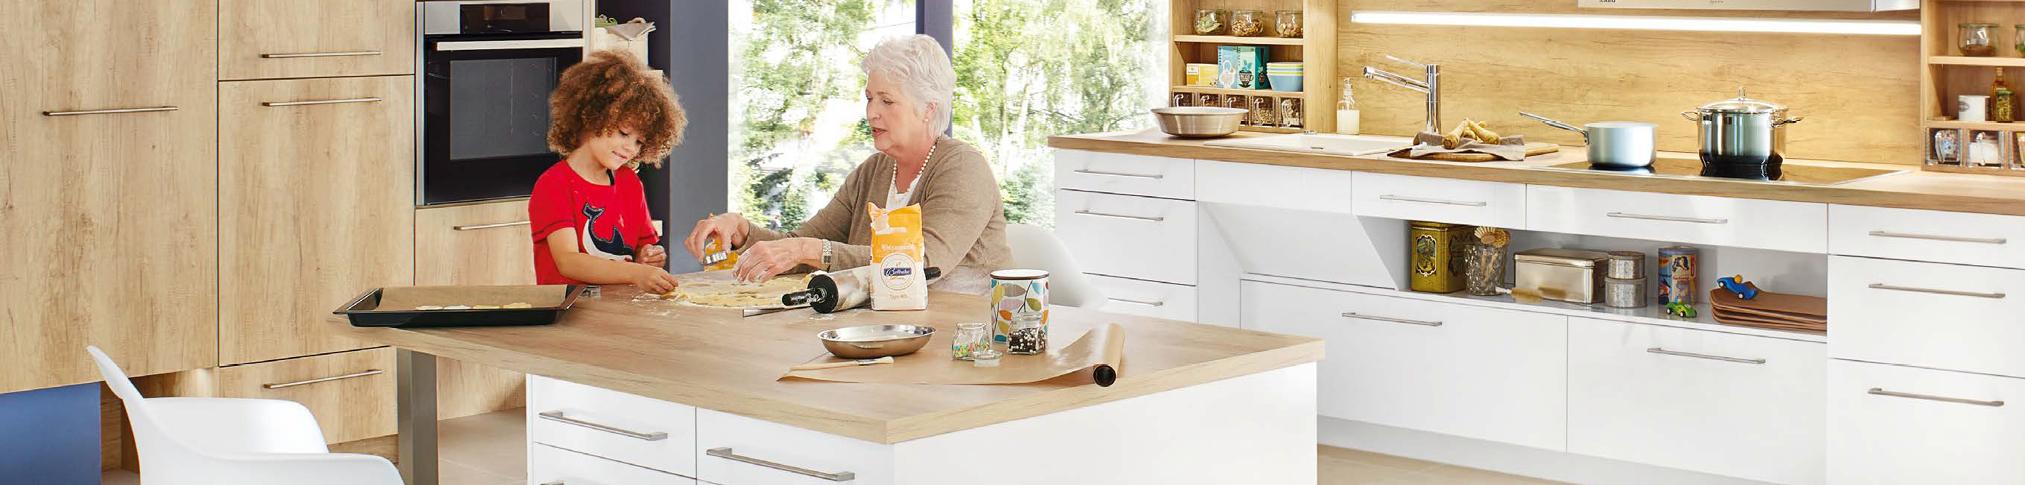 Küche 3000   Axel Plaas, Lebens(t)raum Küche   Präsentiert In Einer  Einzigartigen Erlebniswelt   Kontakt